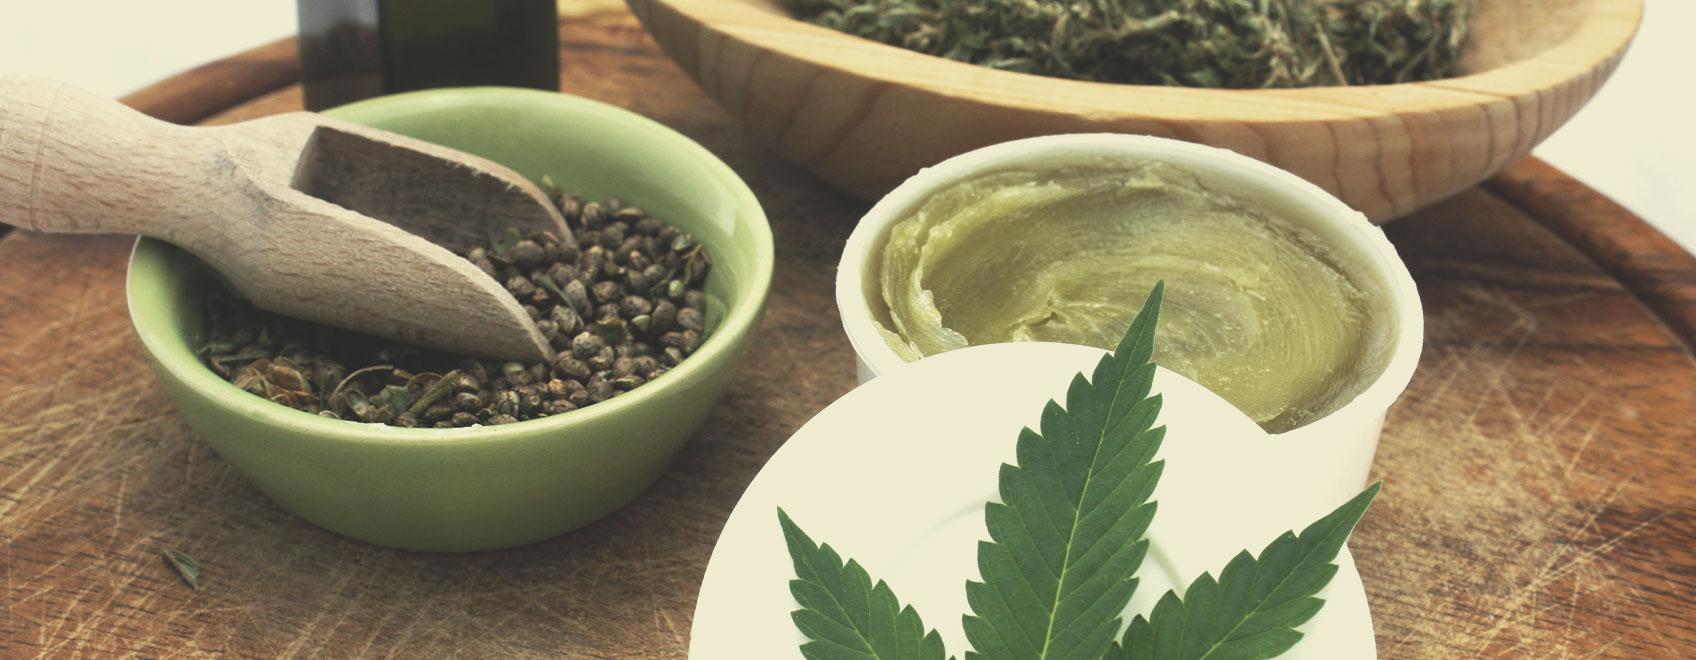 Come realizzare un unguento biologico alla cannabis